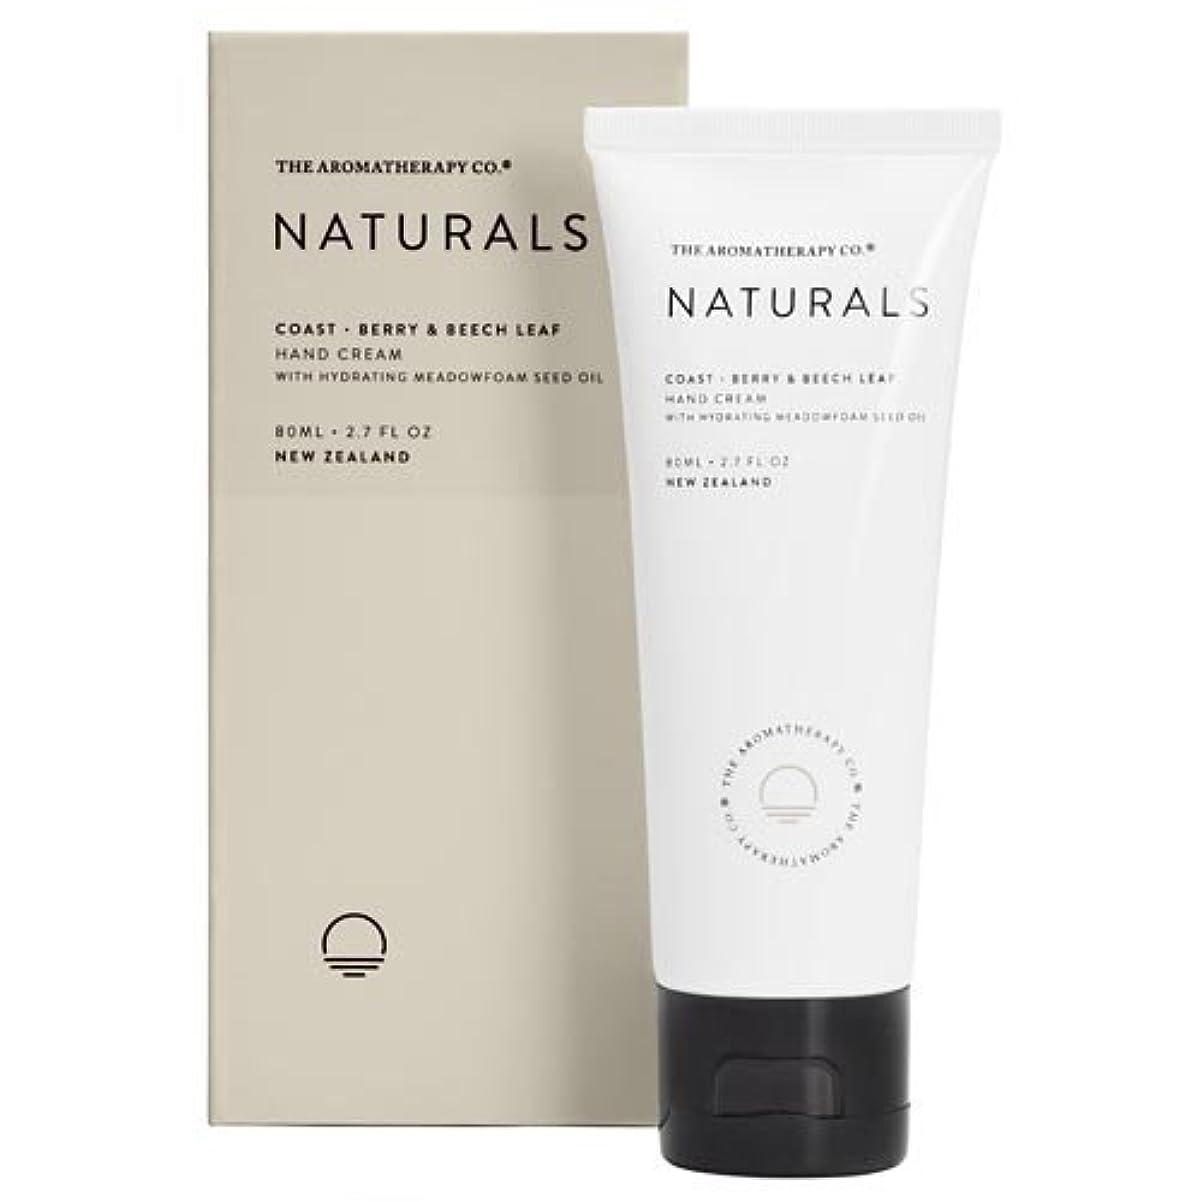 酸化する普及合理的new NATURALS ナチュラルズ Hand Cream ハンドクリーム Coast コースト(海岸)Berry & Beech Leaf ベリー&ビーチリーフ